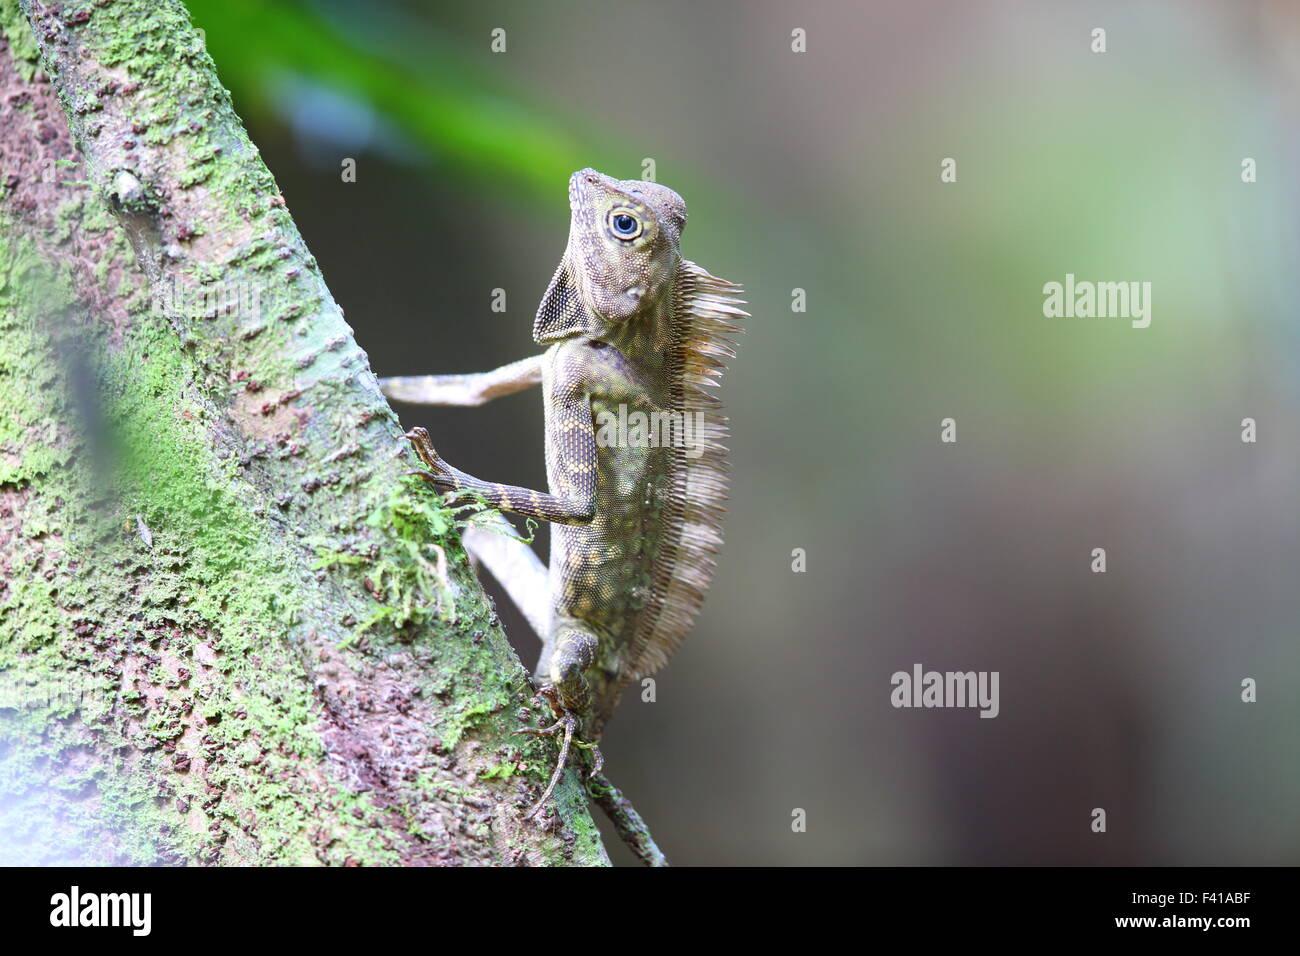 Bornean Angle-headed Lizard (Gonocephalus bornensis) in Borneo - Stock Image